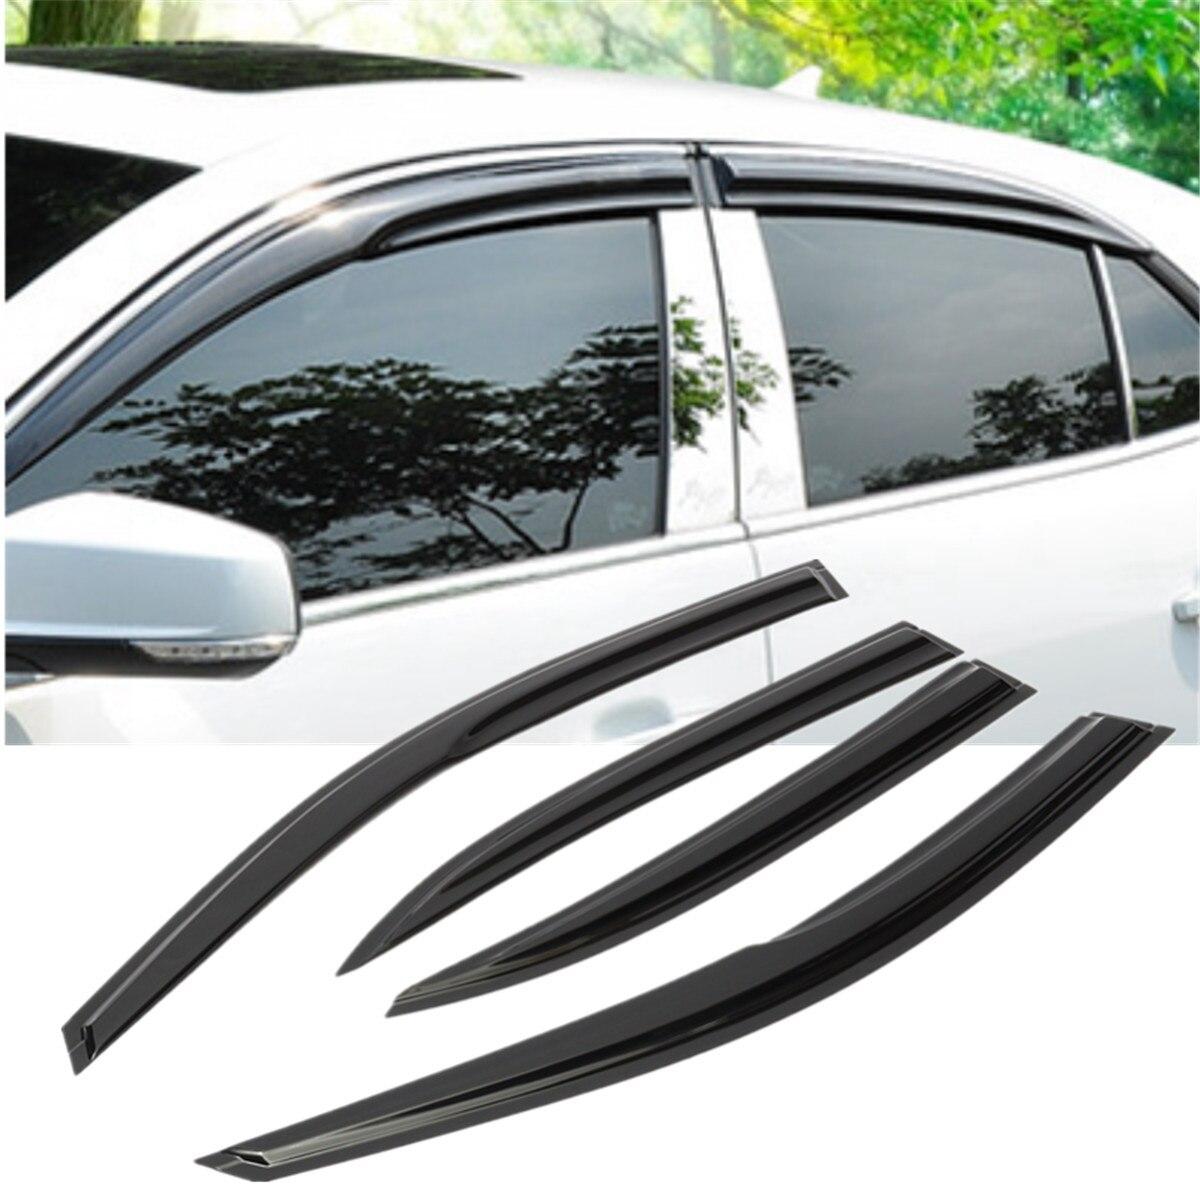 For Chevy Malibu 2008 2012 Car Window Deflector Sun Visor